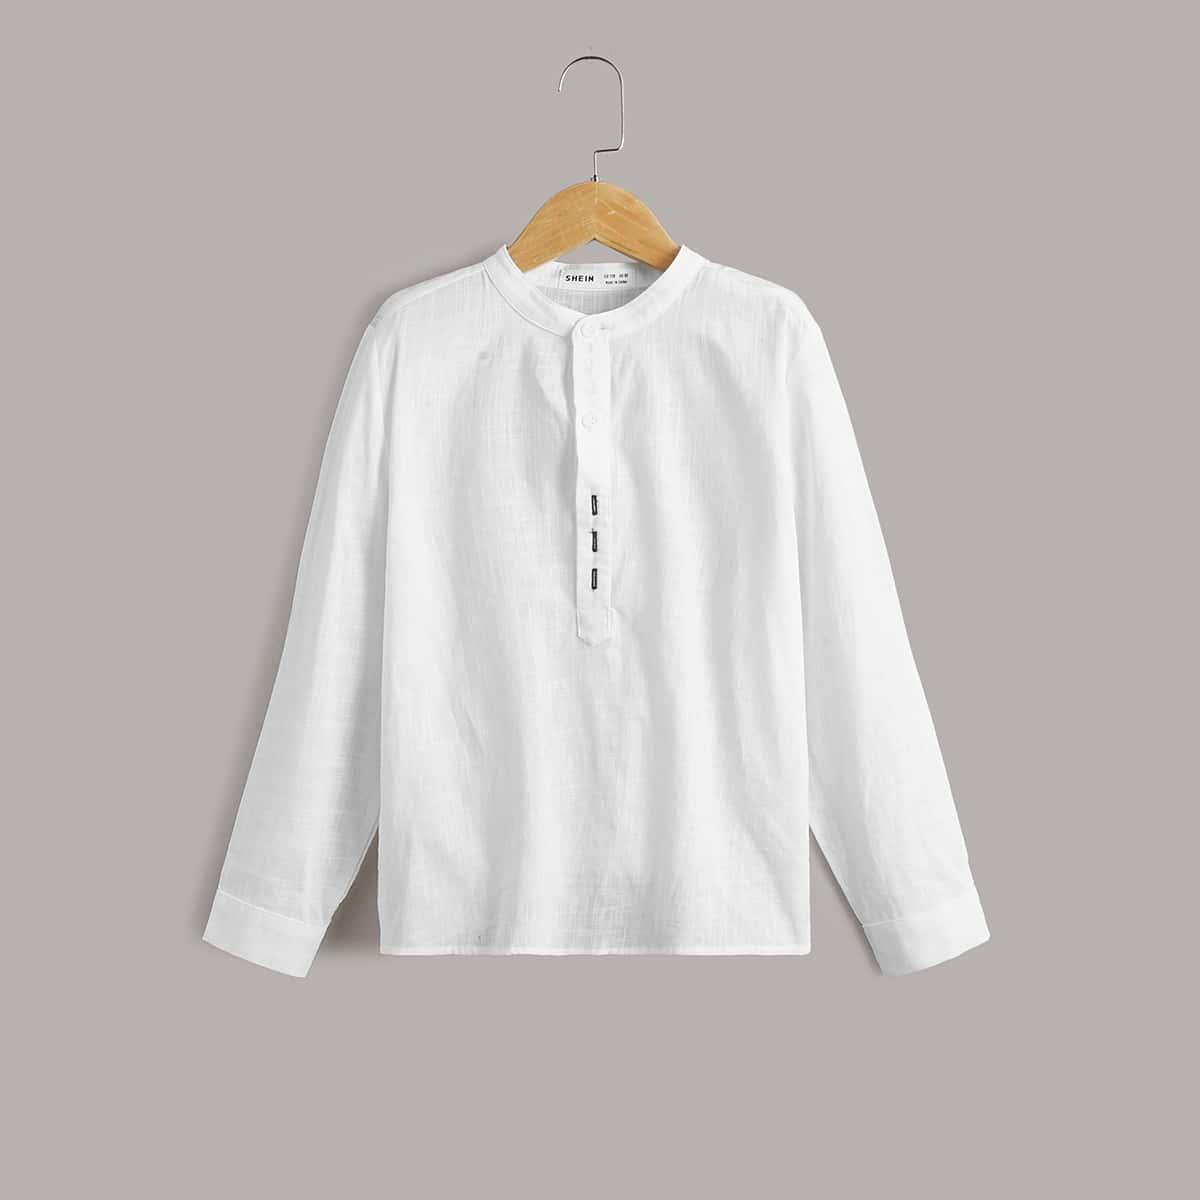 для мальчиков Рубашка с вышивкой на пуговицах